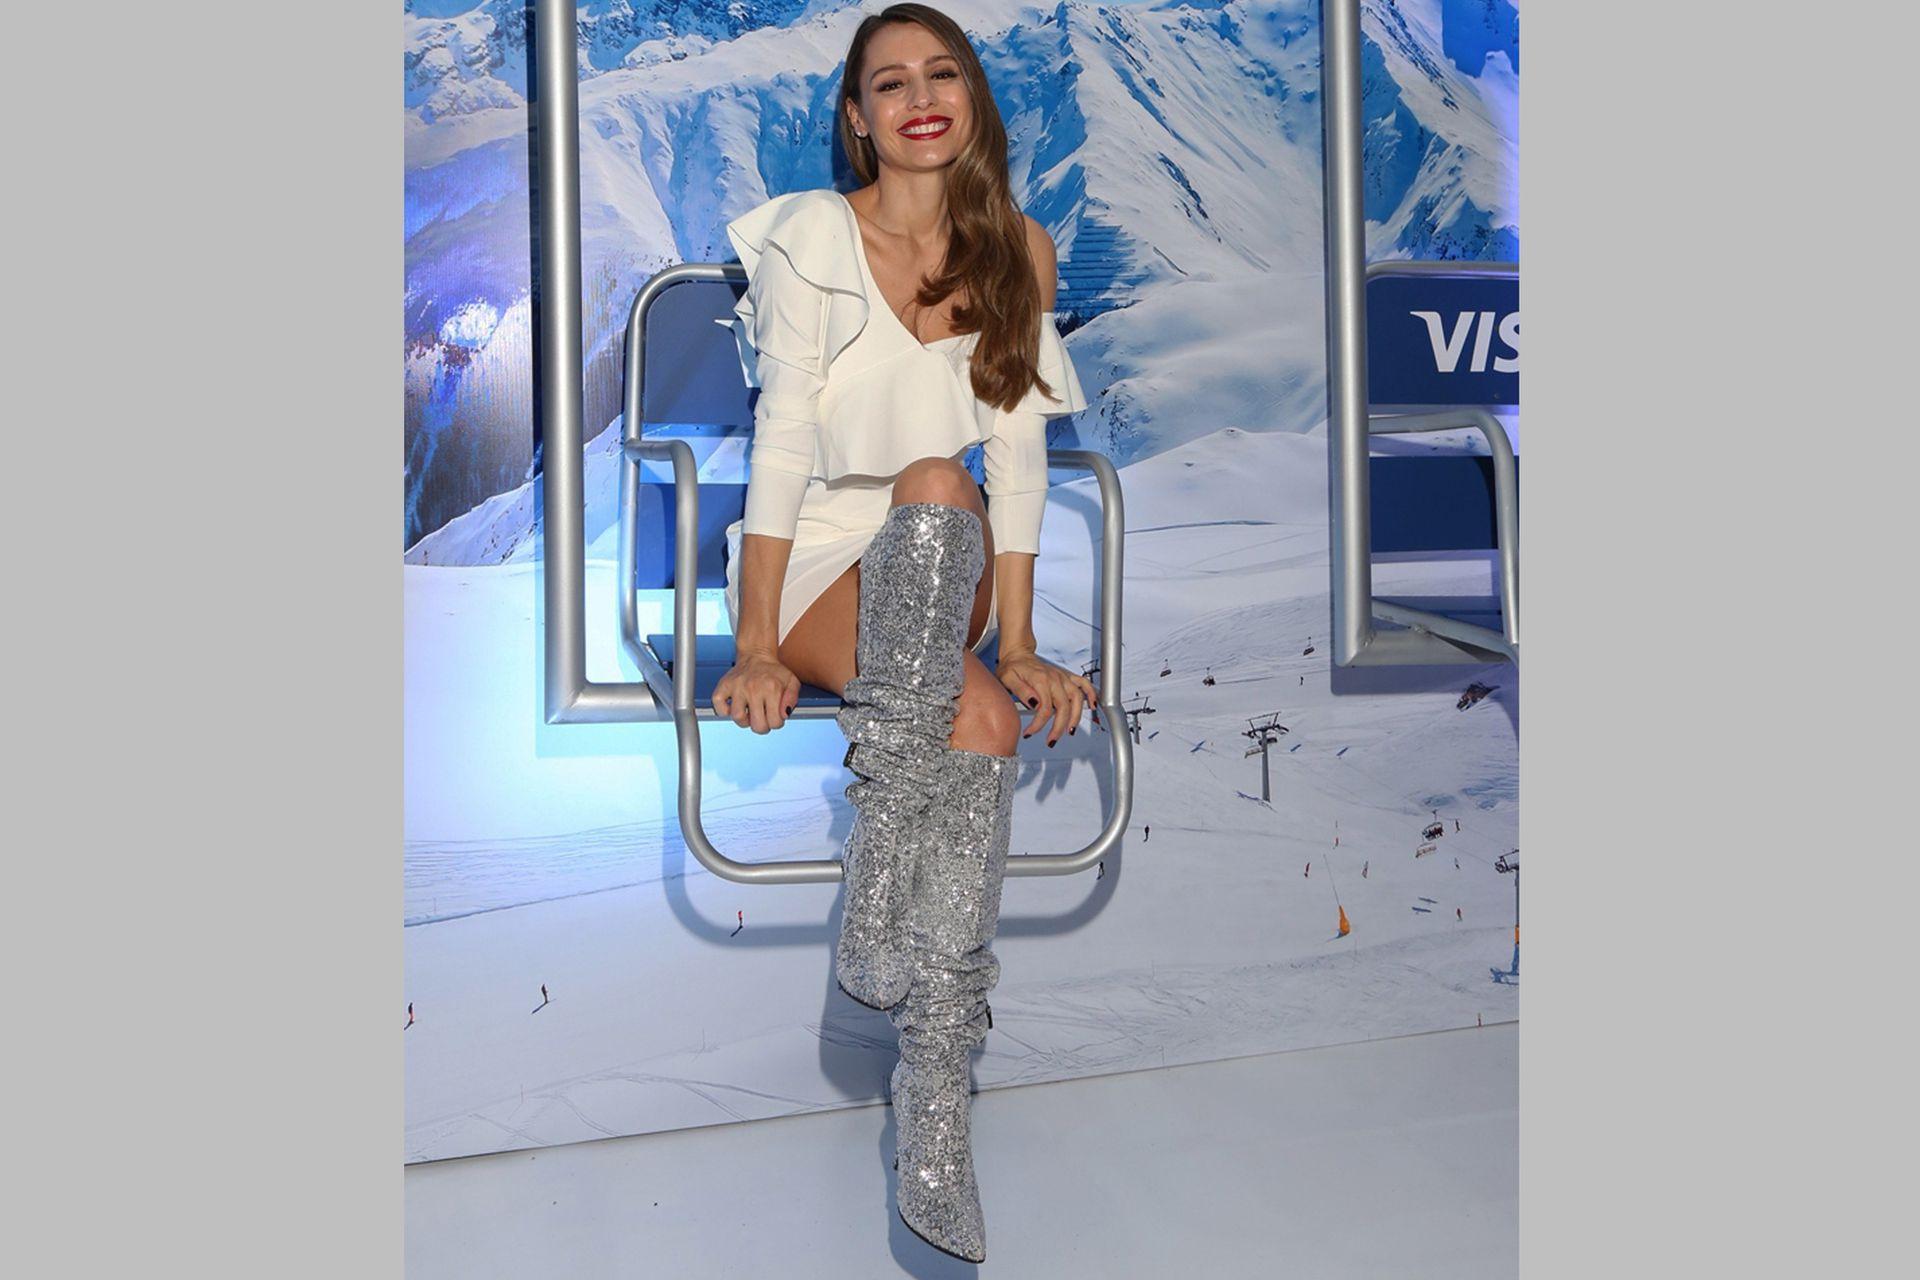 Siempre radiante, Pampita Ardohain eligió un look que hizo juego con la temática invernal del evento